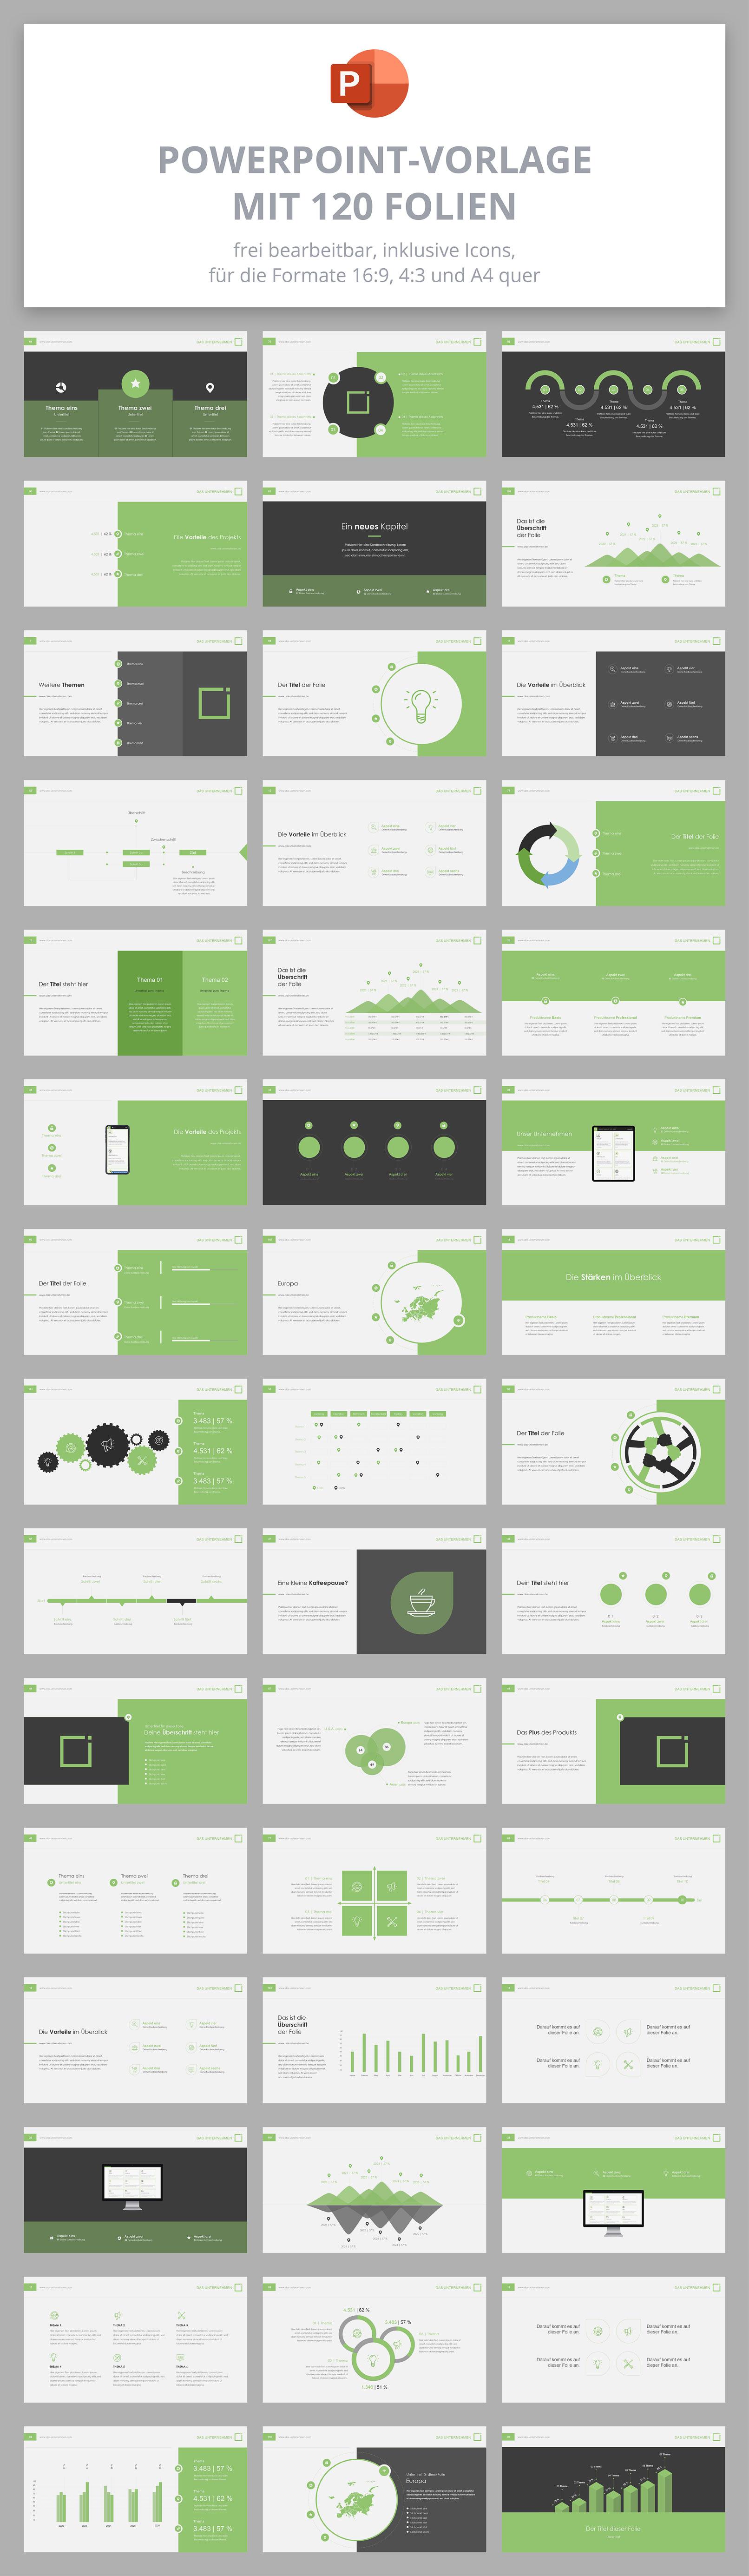 Microsoft PowerPoint-Vorlagen im Square-Design, Auswahl der 120 Folien